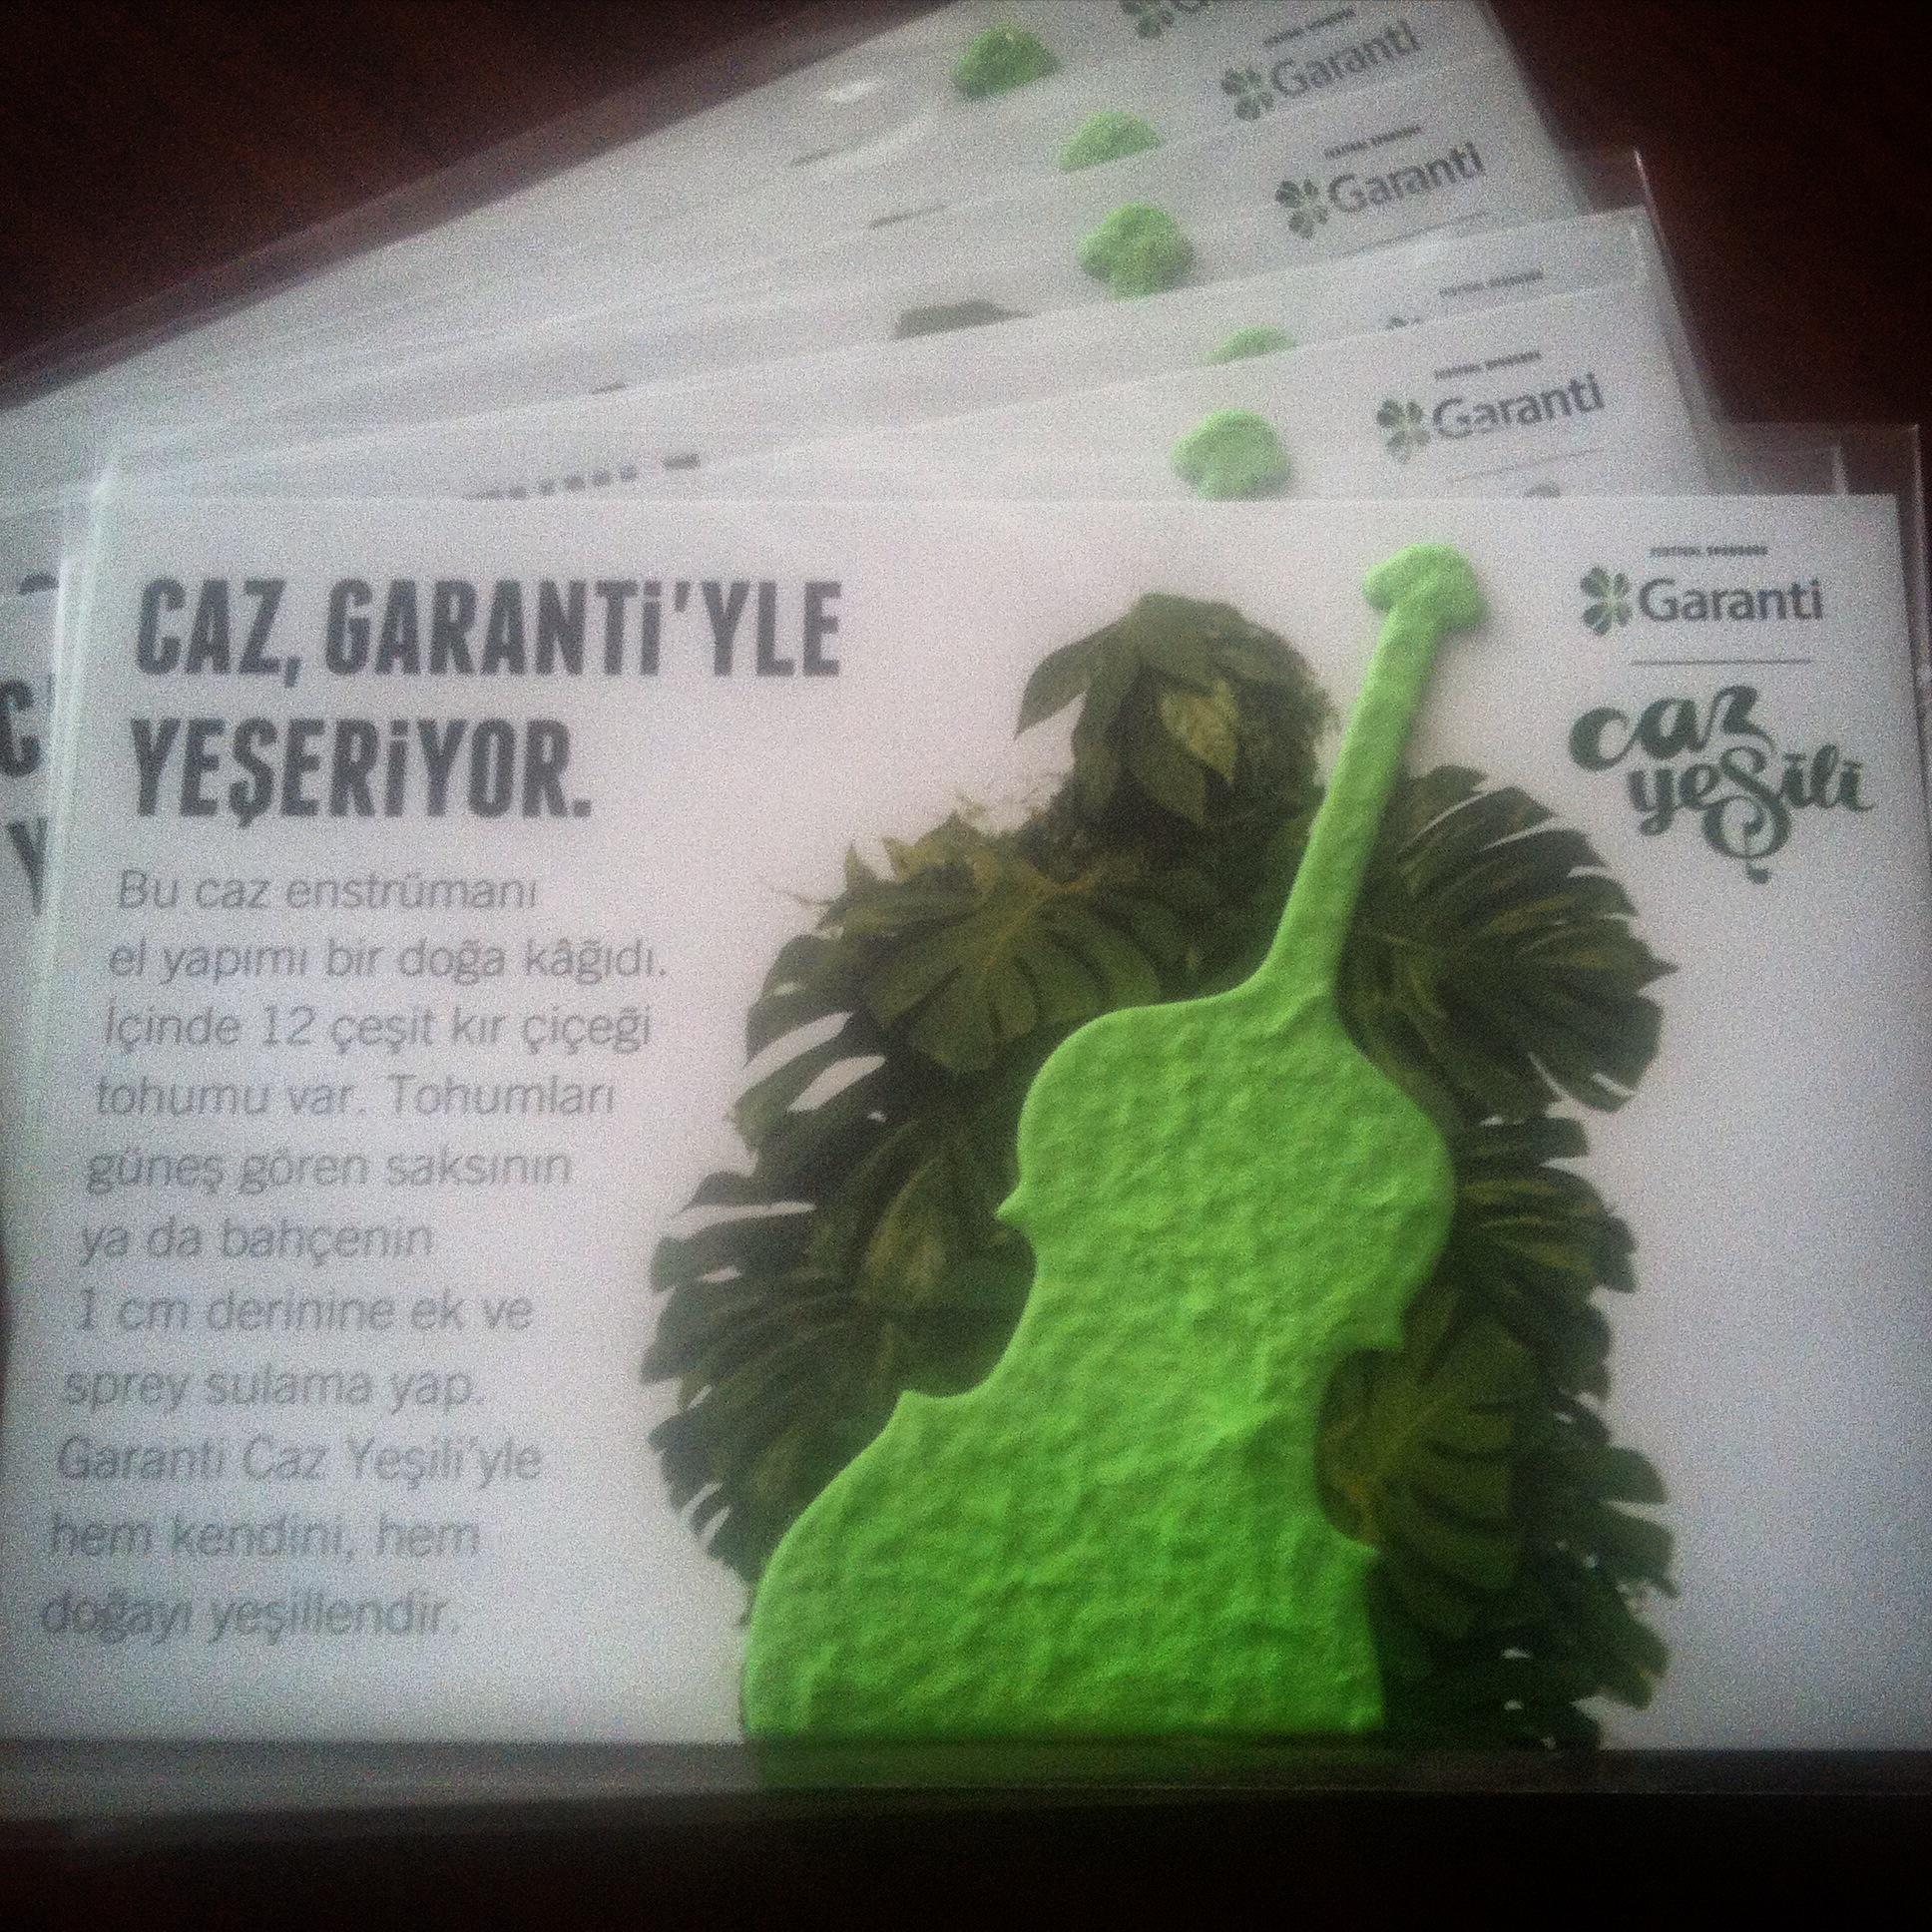 Garanti Caz Yeşili Doğa Kağıt ile yeşeriyor